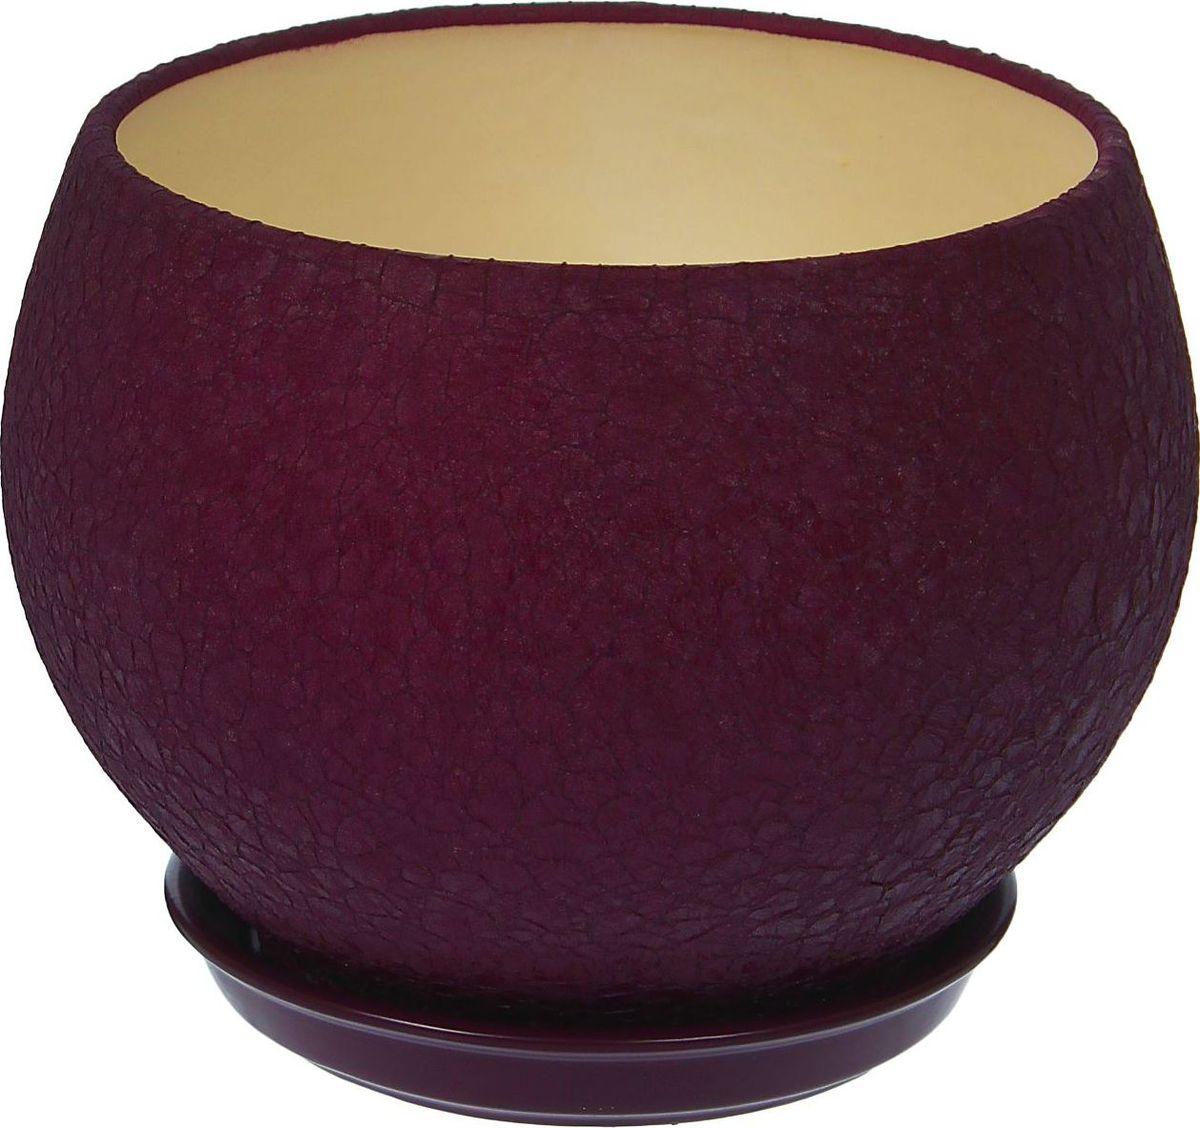 Кашпо Керамика ручной работы Шар, цвет: фиолетовый, 4,1 л1099354Комнатные растения — всеобщие любимцы. Они радуют глаз, насыщают помещение кислородом и украшают пространство. Каждому из них необходим свой удобный и красивый дом. Кашпо из керамики прекрасно подходят для высадки растений: за счёт пластичности глины и разных способов обработки существует великое множество форм и дизайновпористый материал позволяет испаряться лишней влагевоздух, необходимый для дыхания корней, проникает сквозь керамические стенки! #name# позаботится о зелёном питомце, освежит интерьер и подчеркнёт его стиль.